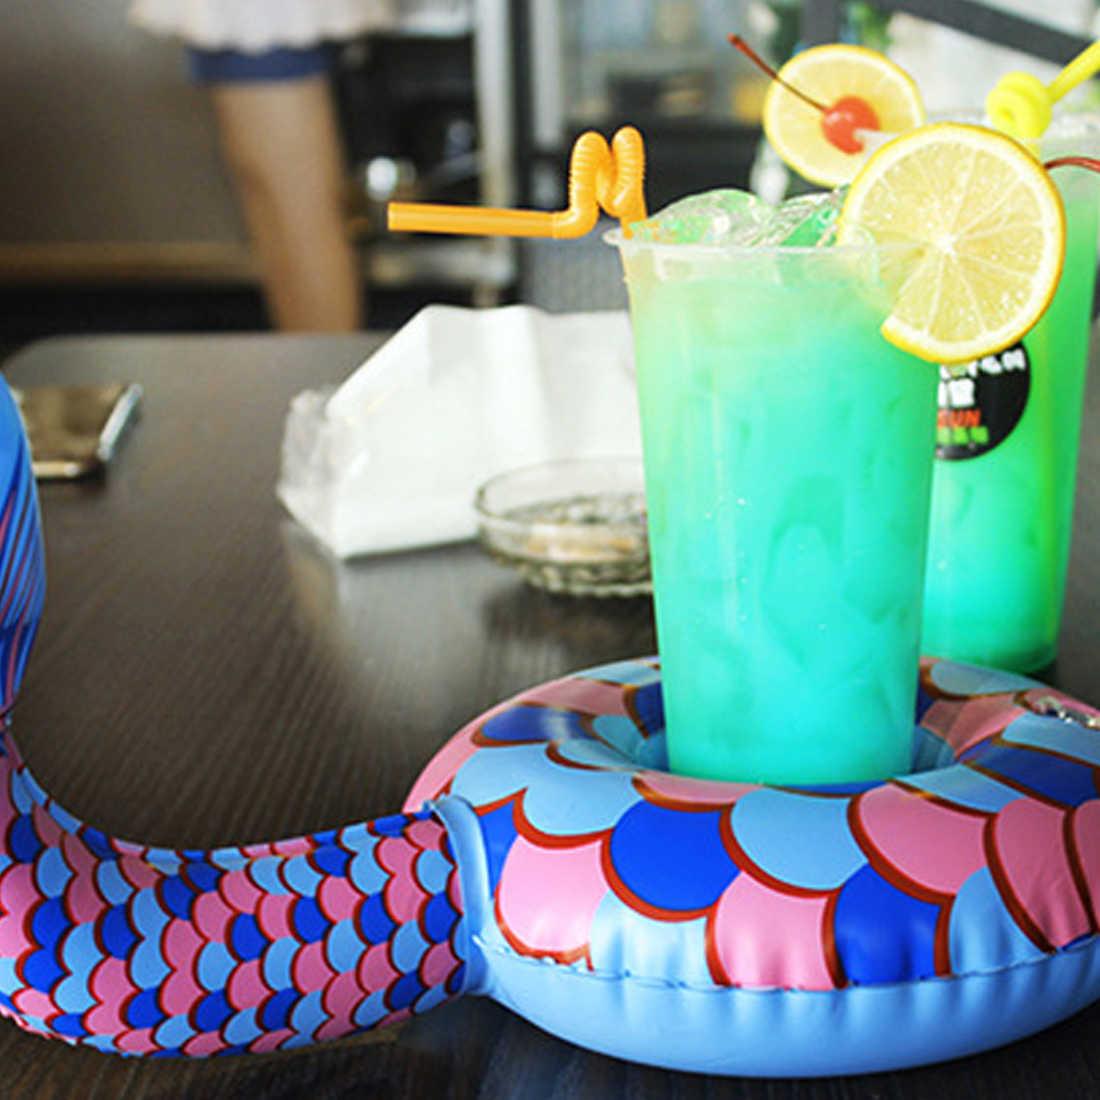 ใหม่พอง Zwembad ตารางถาดบาร์สระว่ายน้ำลอยถ้วยดื่มเบียร์ฤดูร้อนว่ายน้ำของเล่นอุปกรณ์ชายหาด